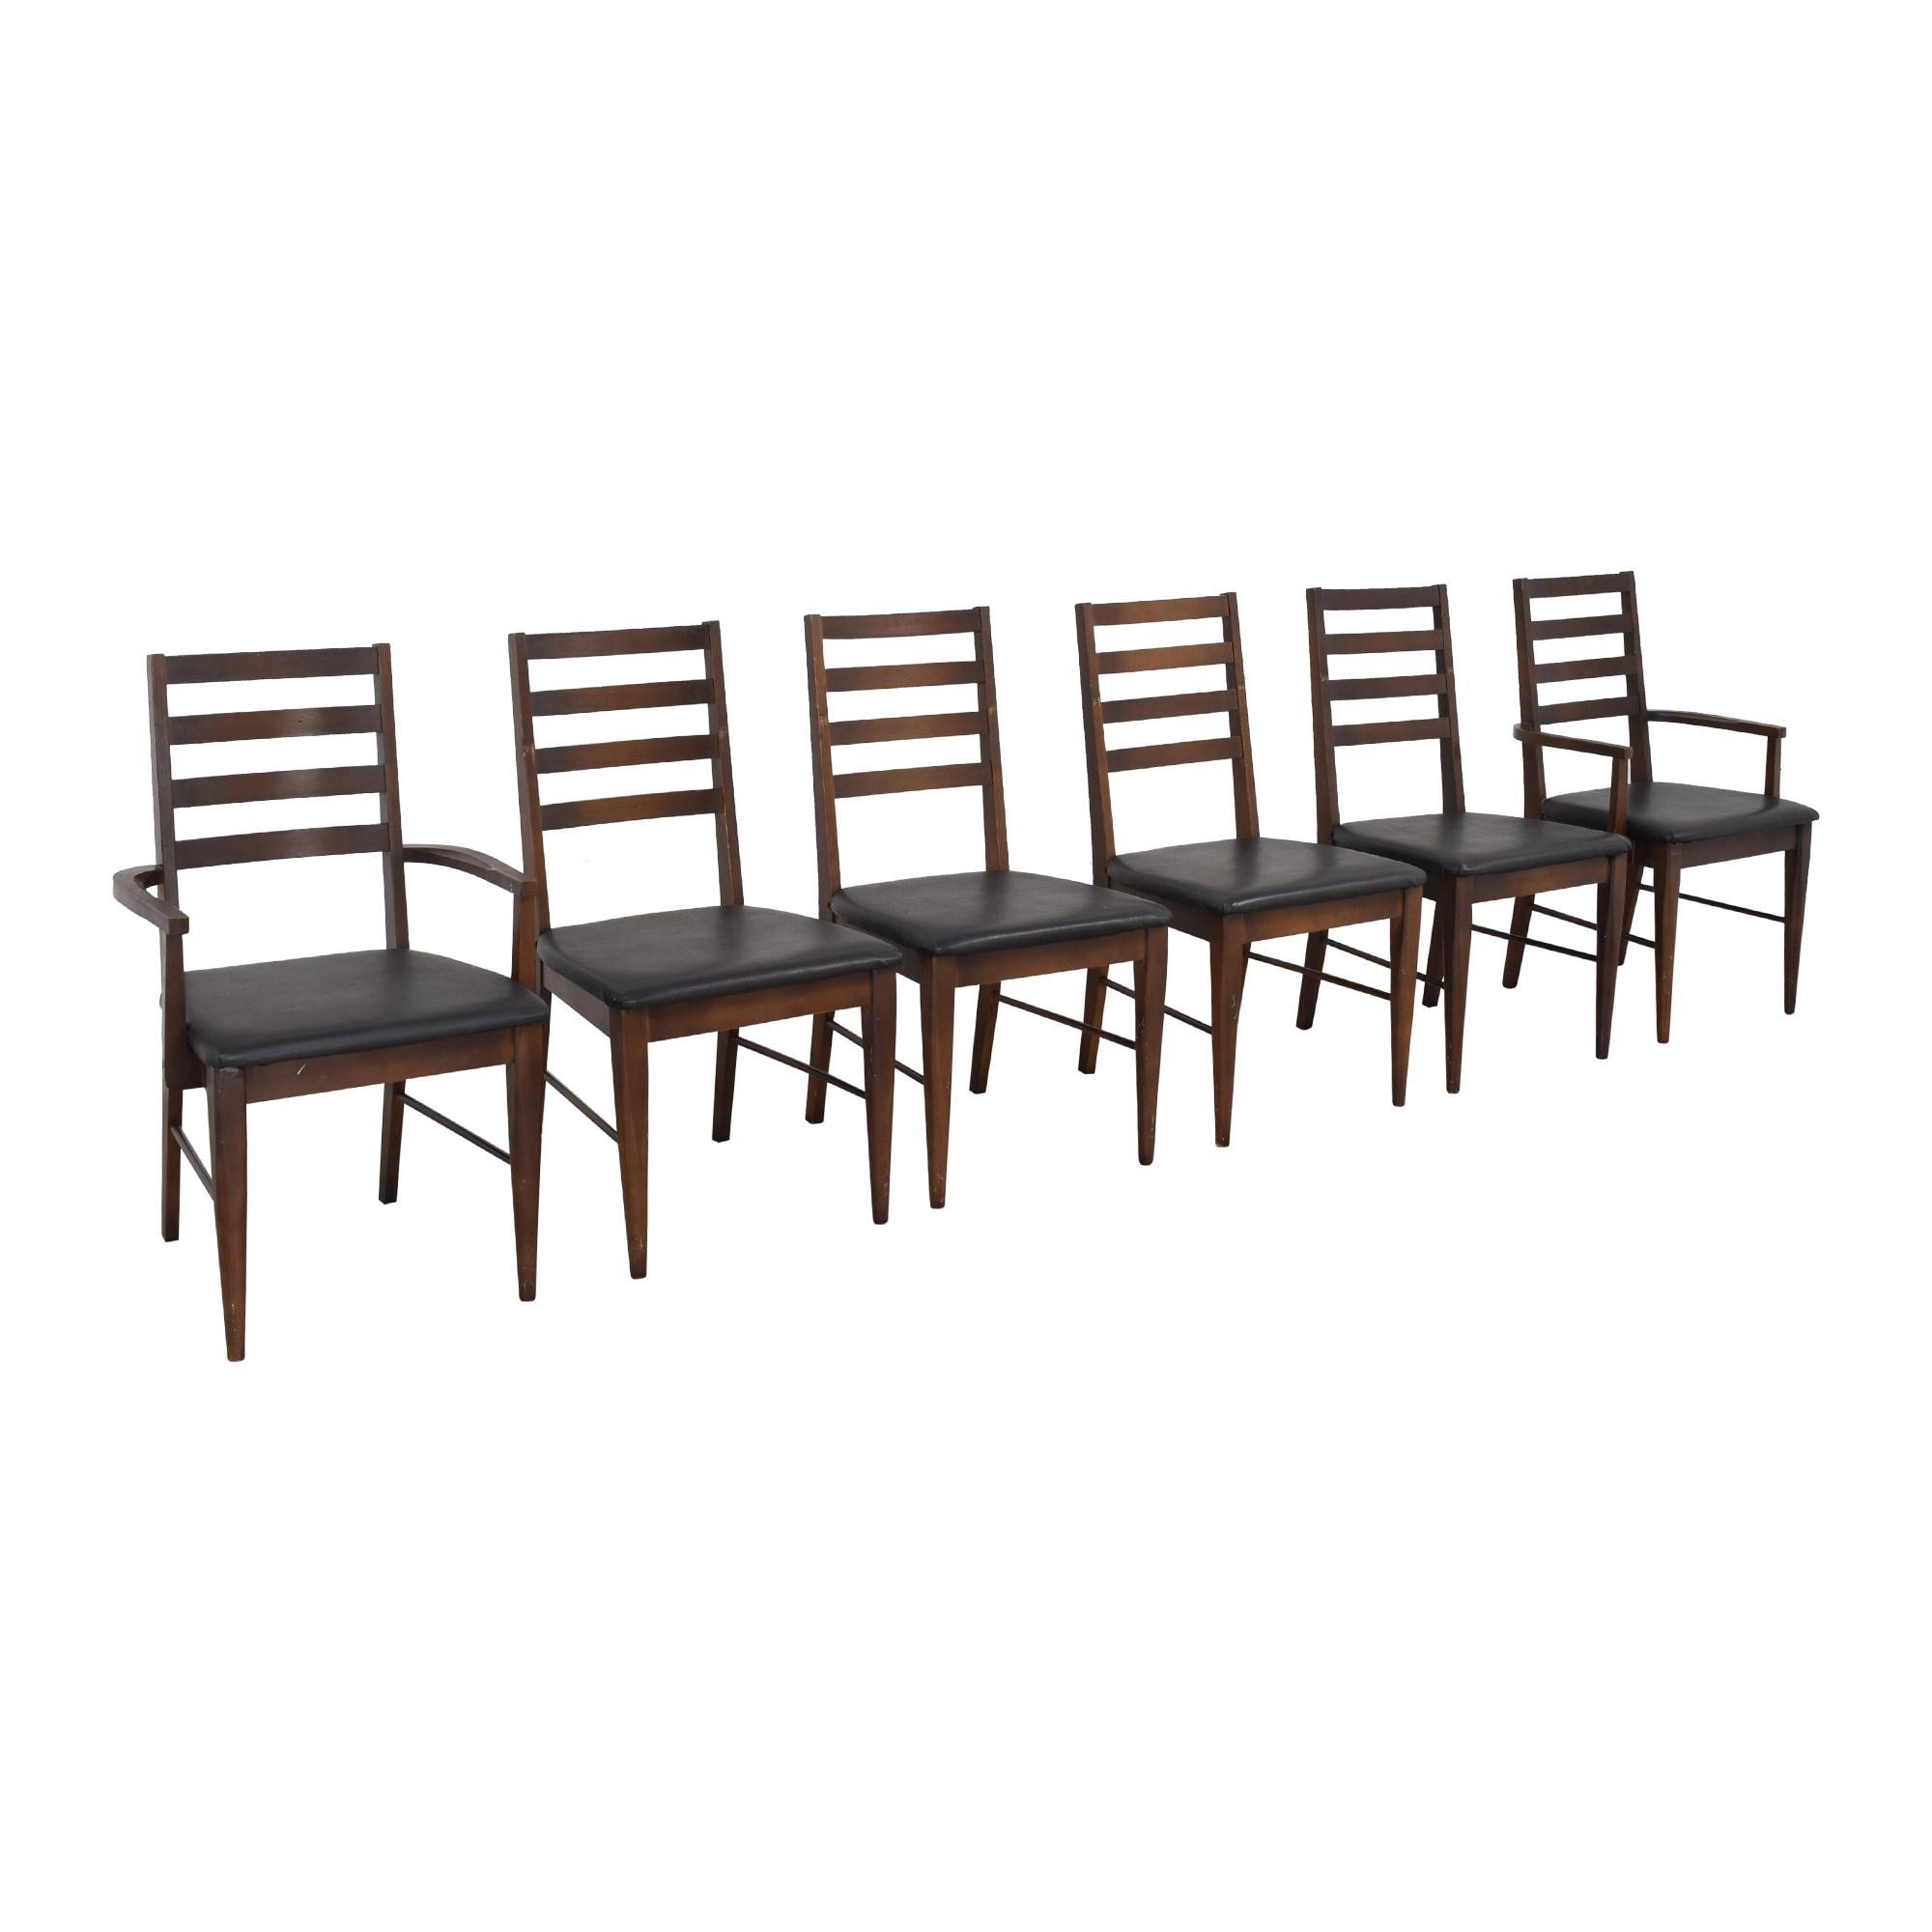 shop Lenoir Dining Chairs Lenoir Chair Company